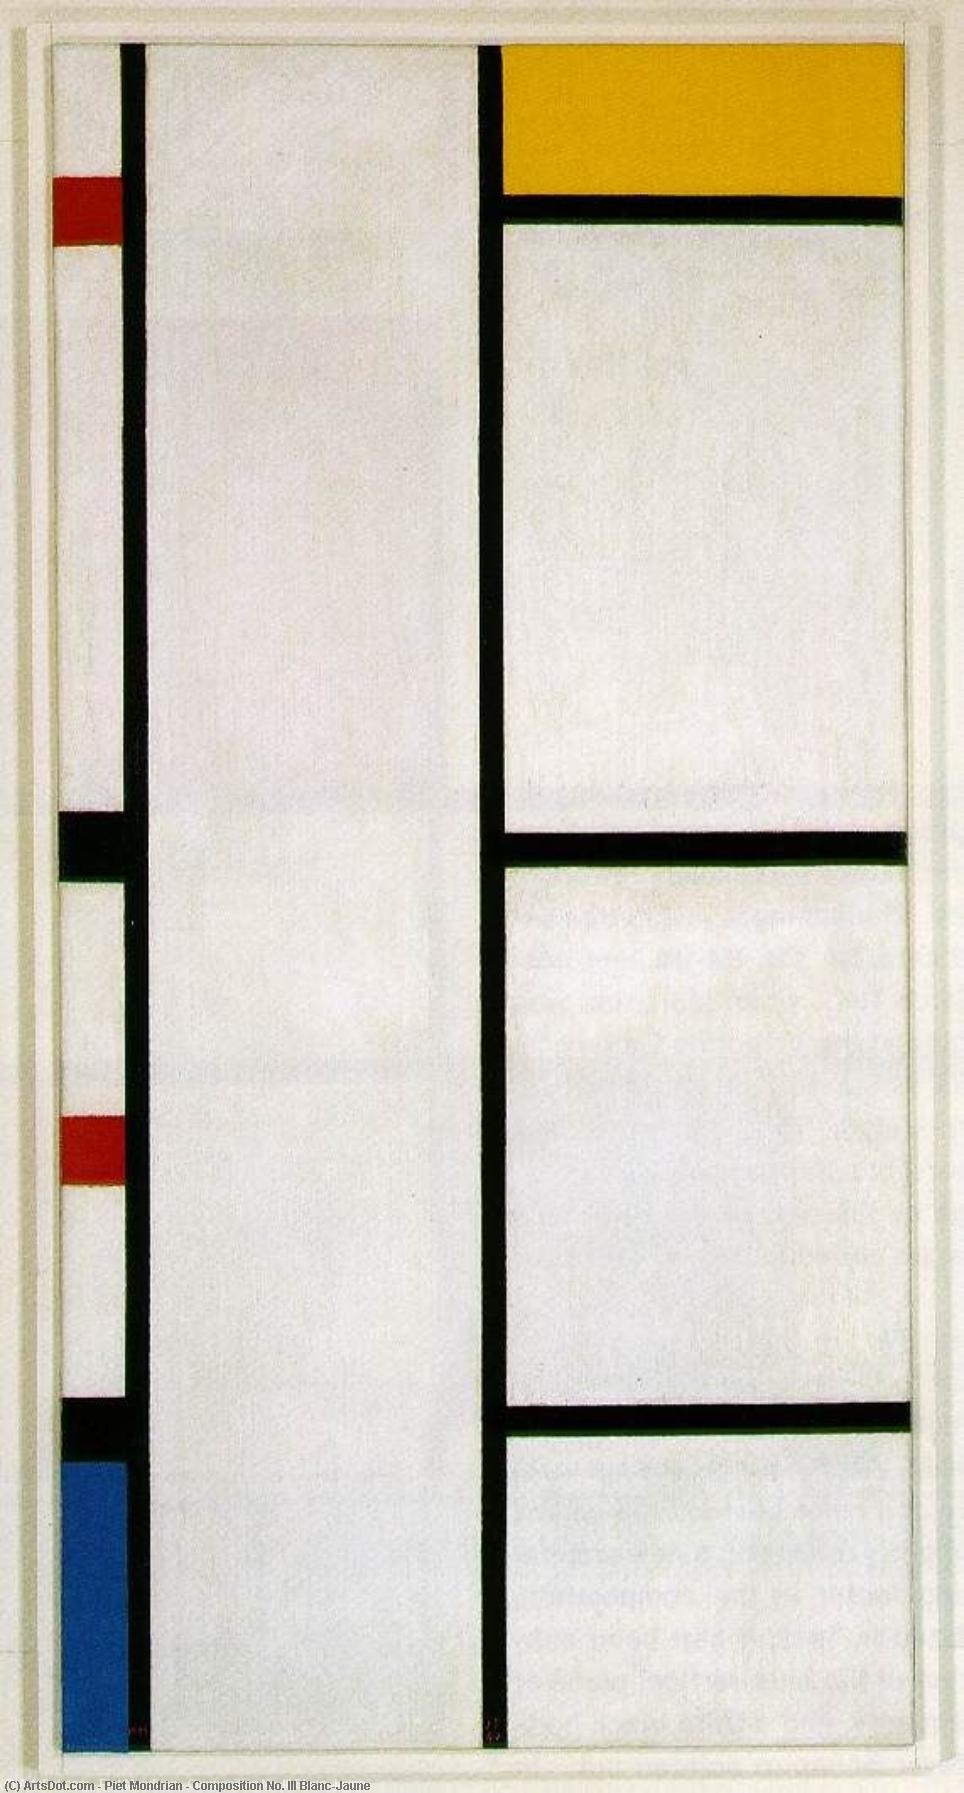 Wikioo.org – L'Enciclopedia delle Belle Arti - Pittura, Opere di Piet Mondrian - composizione nº . III Blanc-Jaune